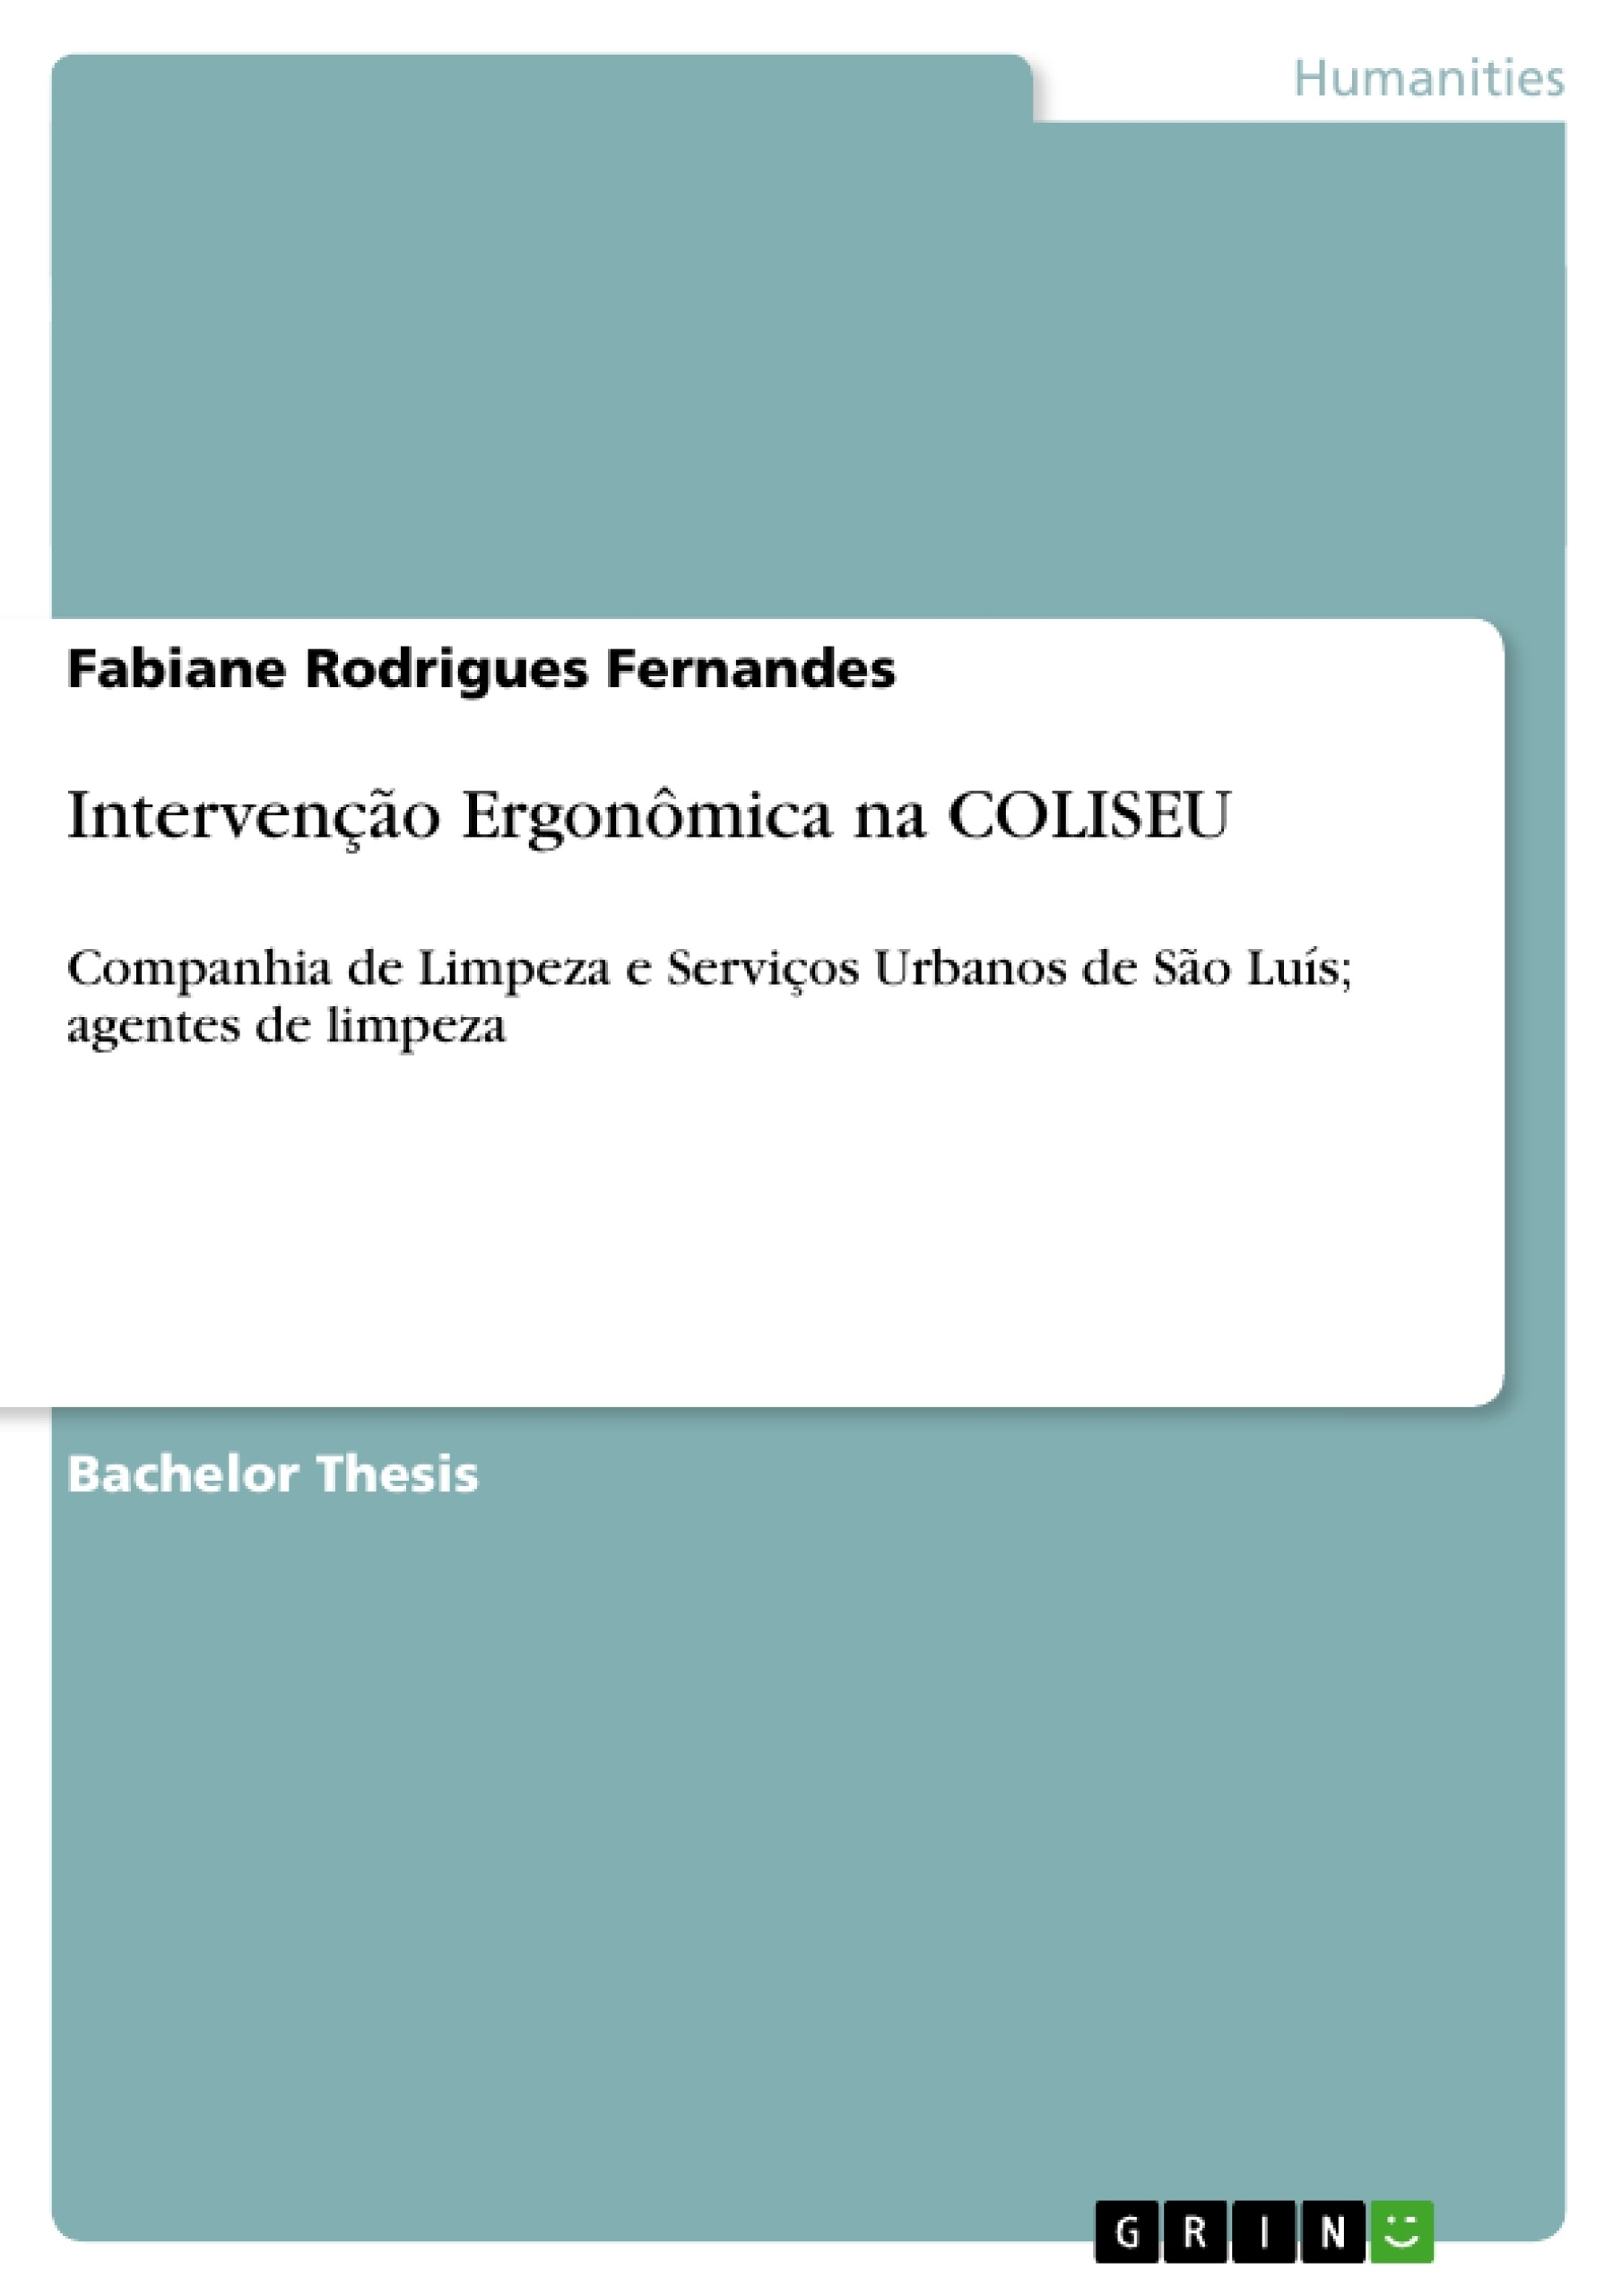 Title: Intervenção Ergonômica na COLISEU